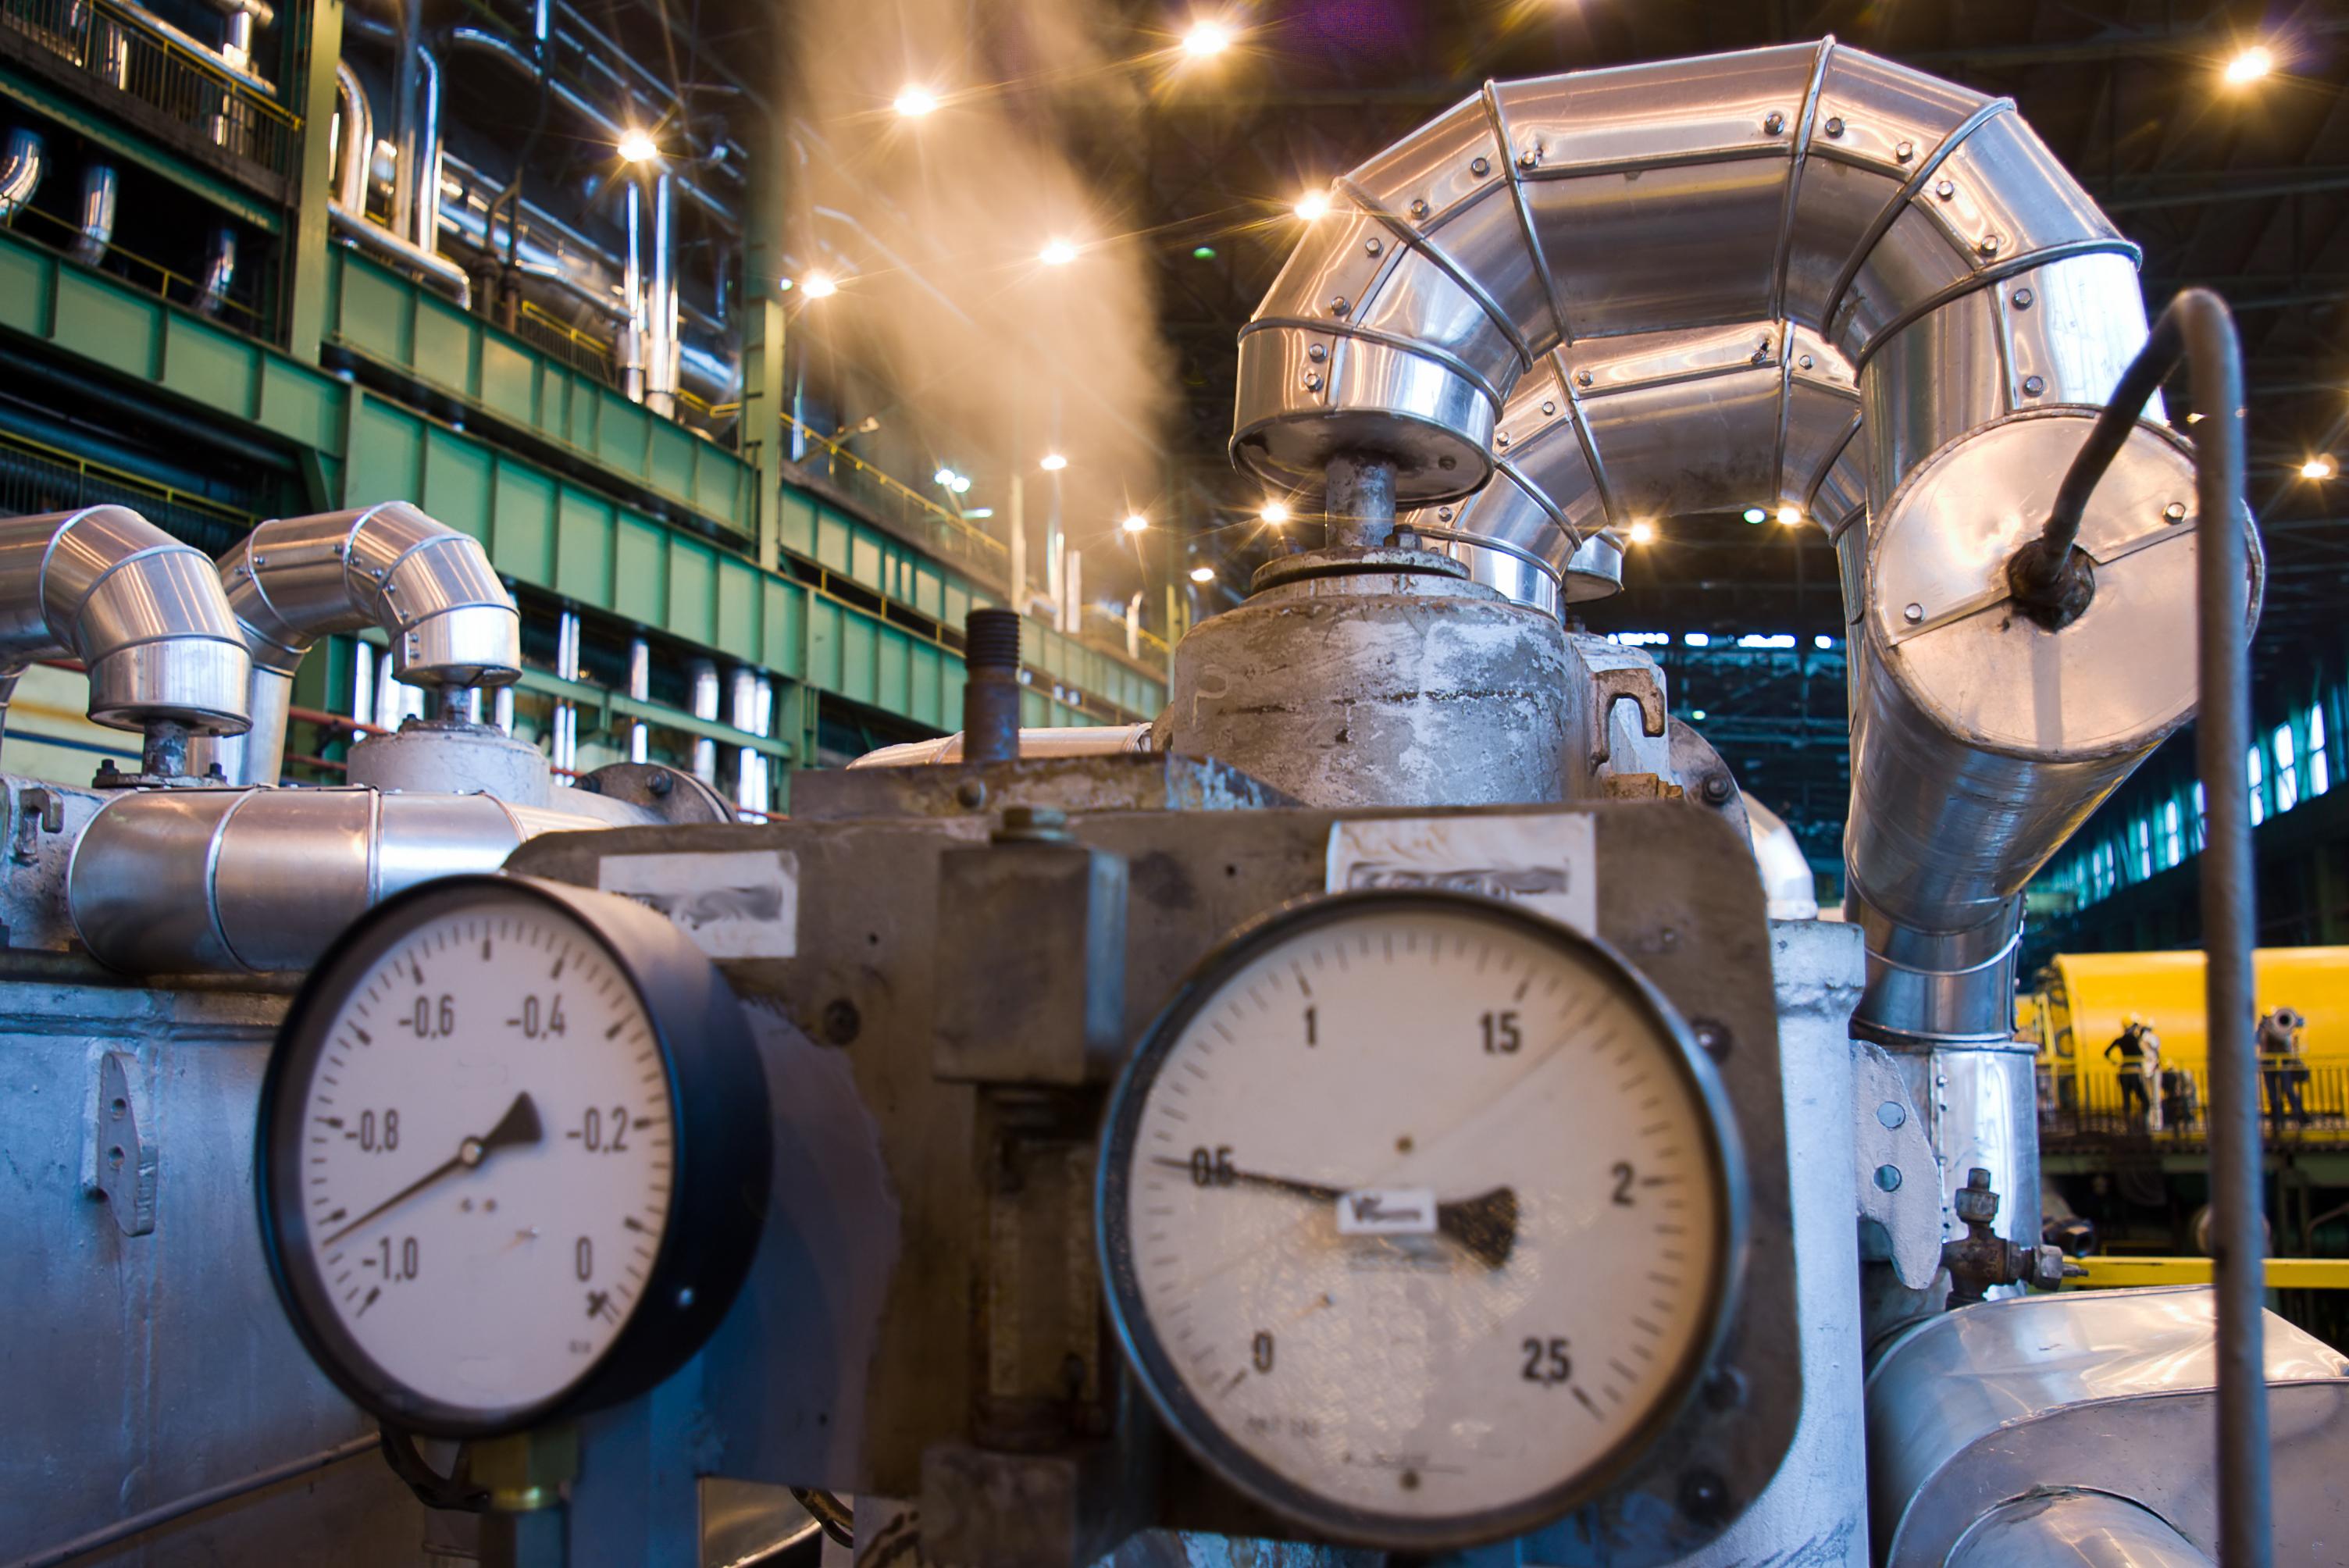 إنتاج المياه يتعدى 240 مليون م3.. و21.6 ألف جيجا للكهرباء بنهاية يوليو